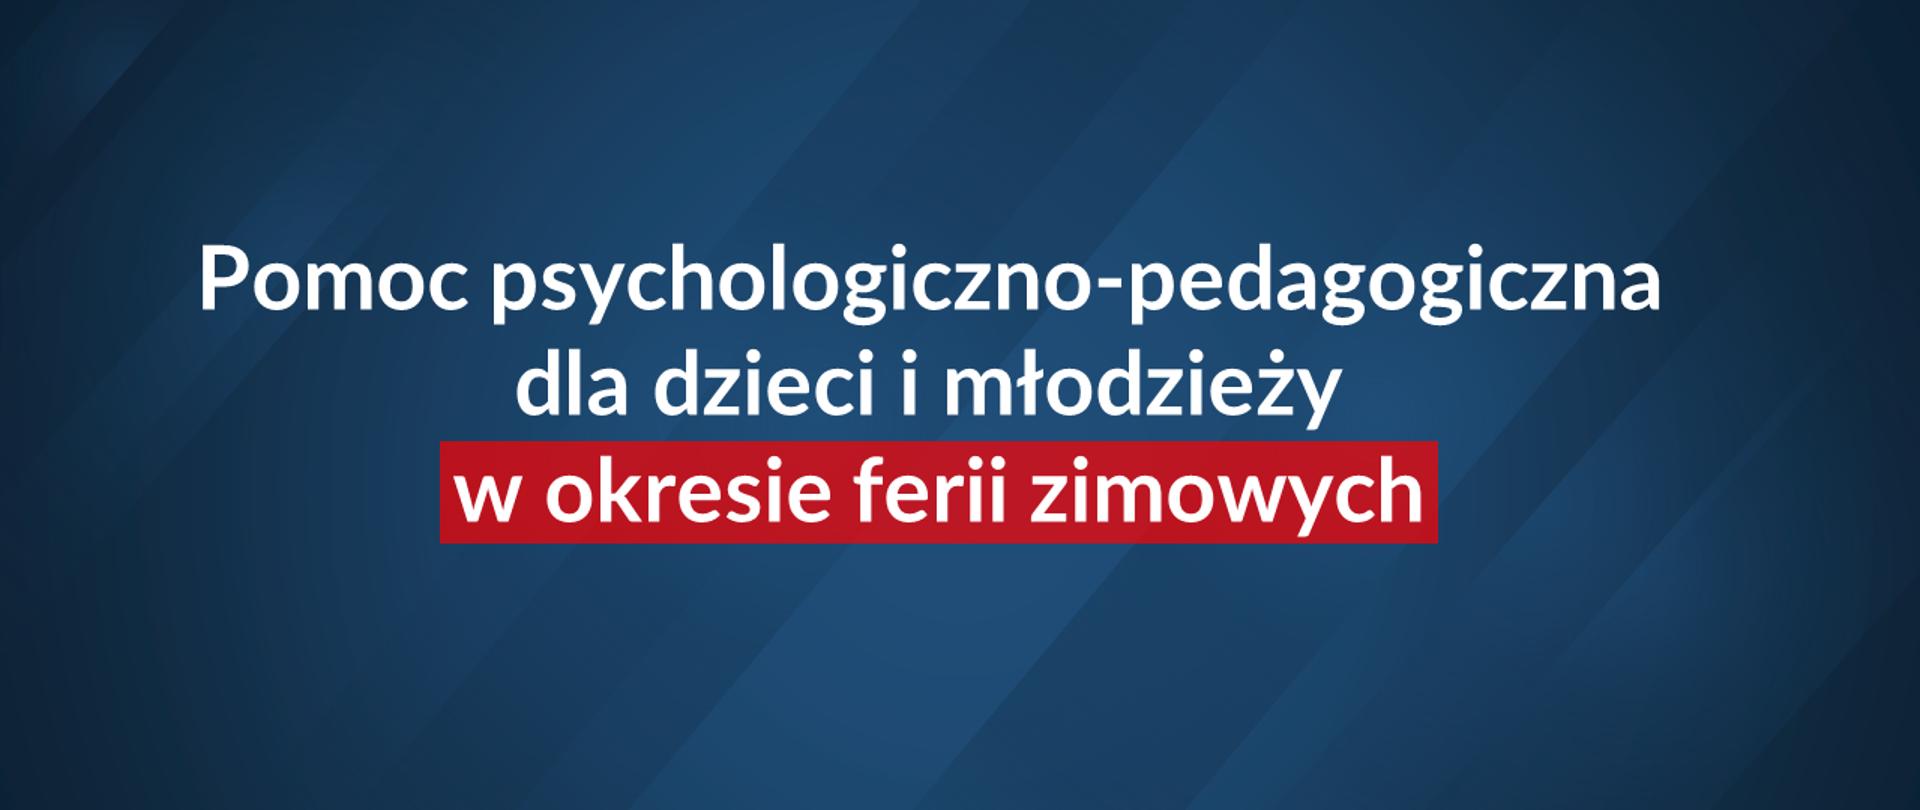 napis na granatowym tle Pomoc psychologiczno-pedagogiczna dla dzieci i młodzieży w okresie ferii zimowych